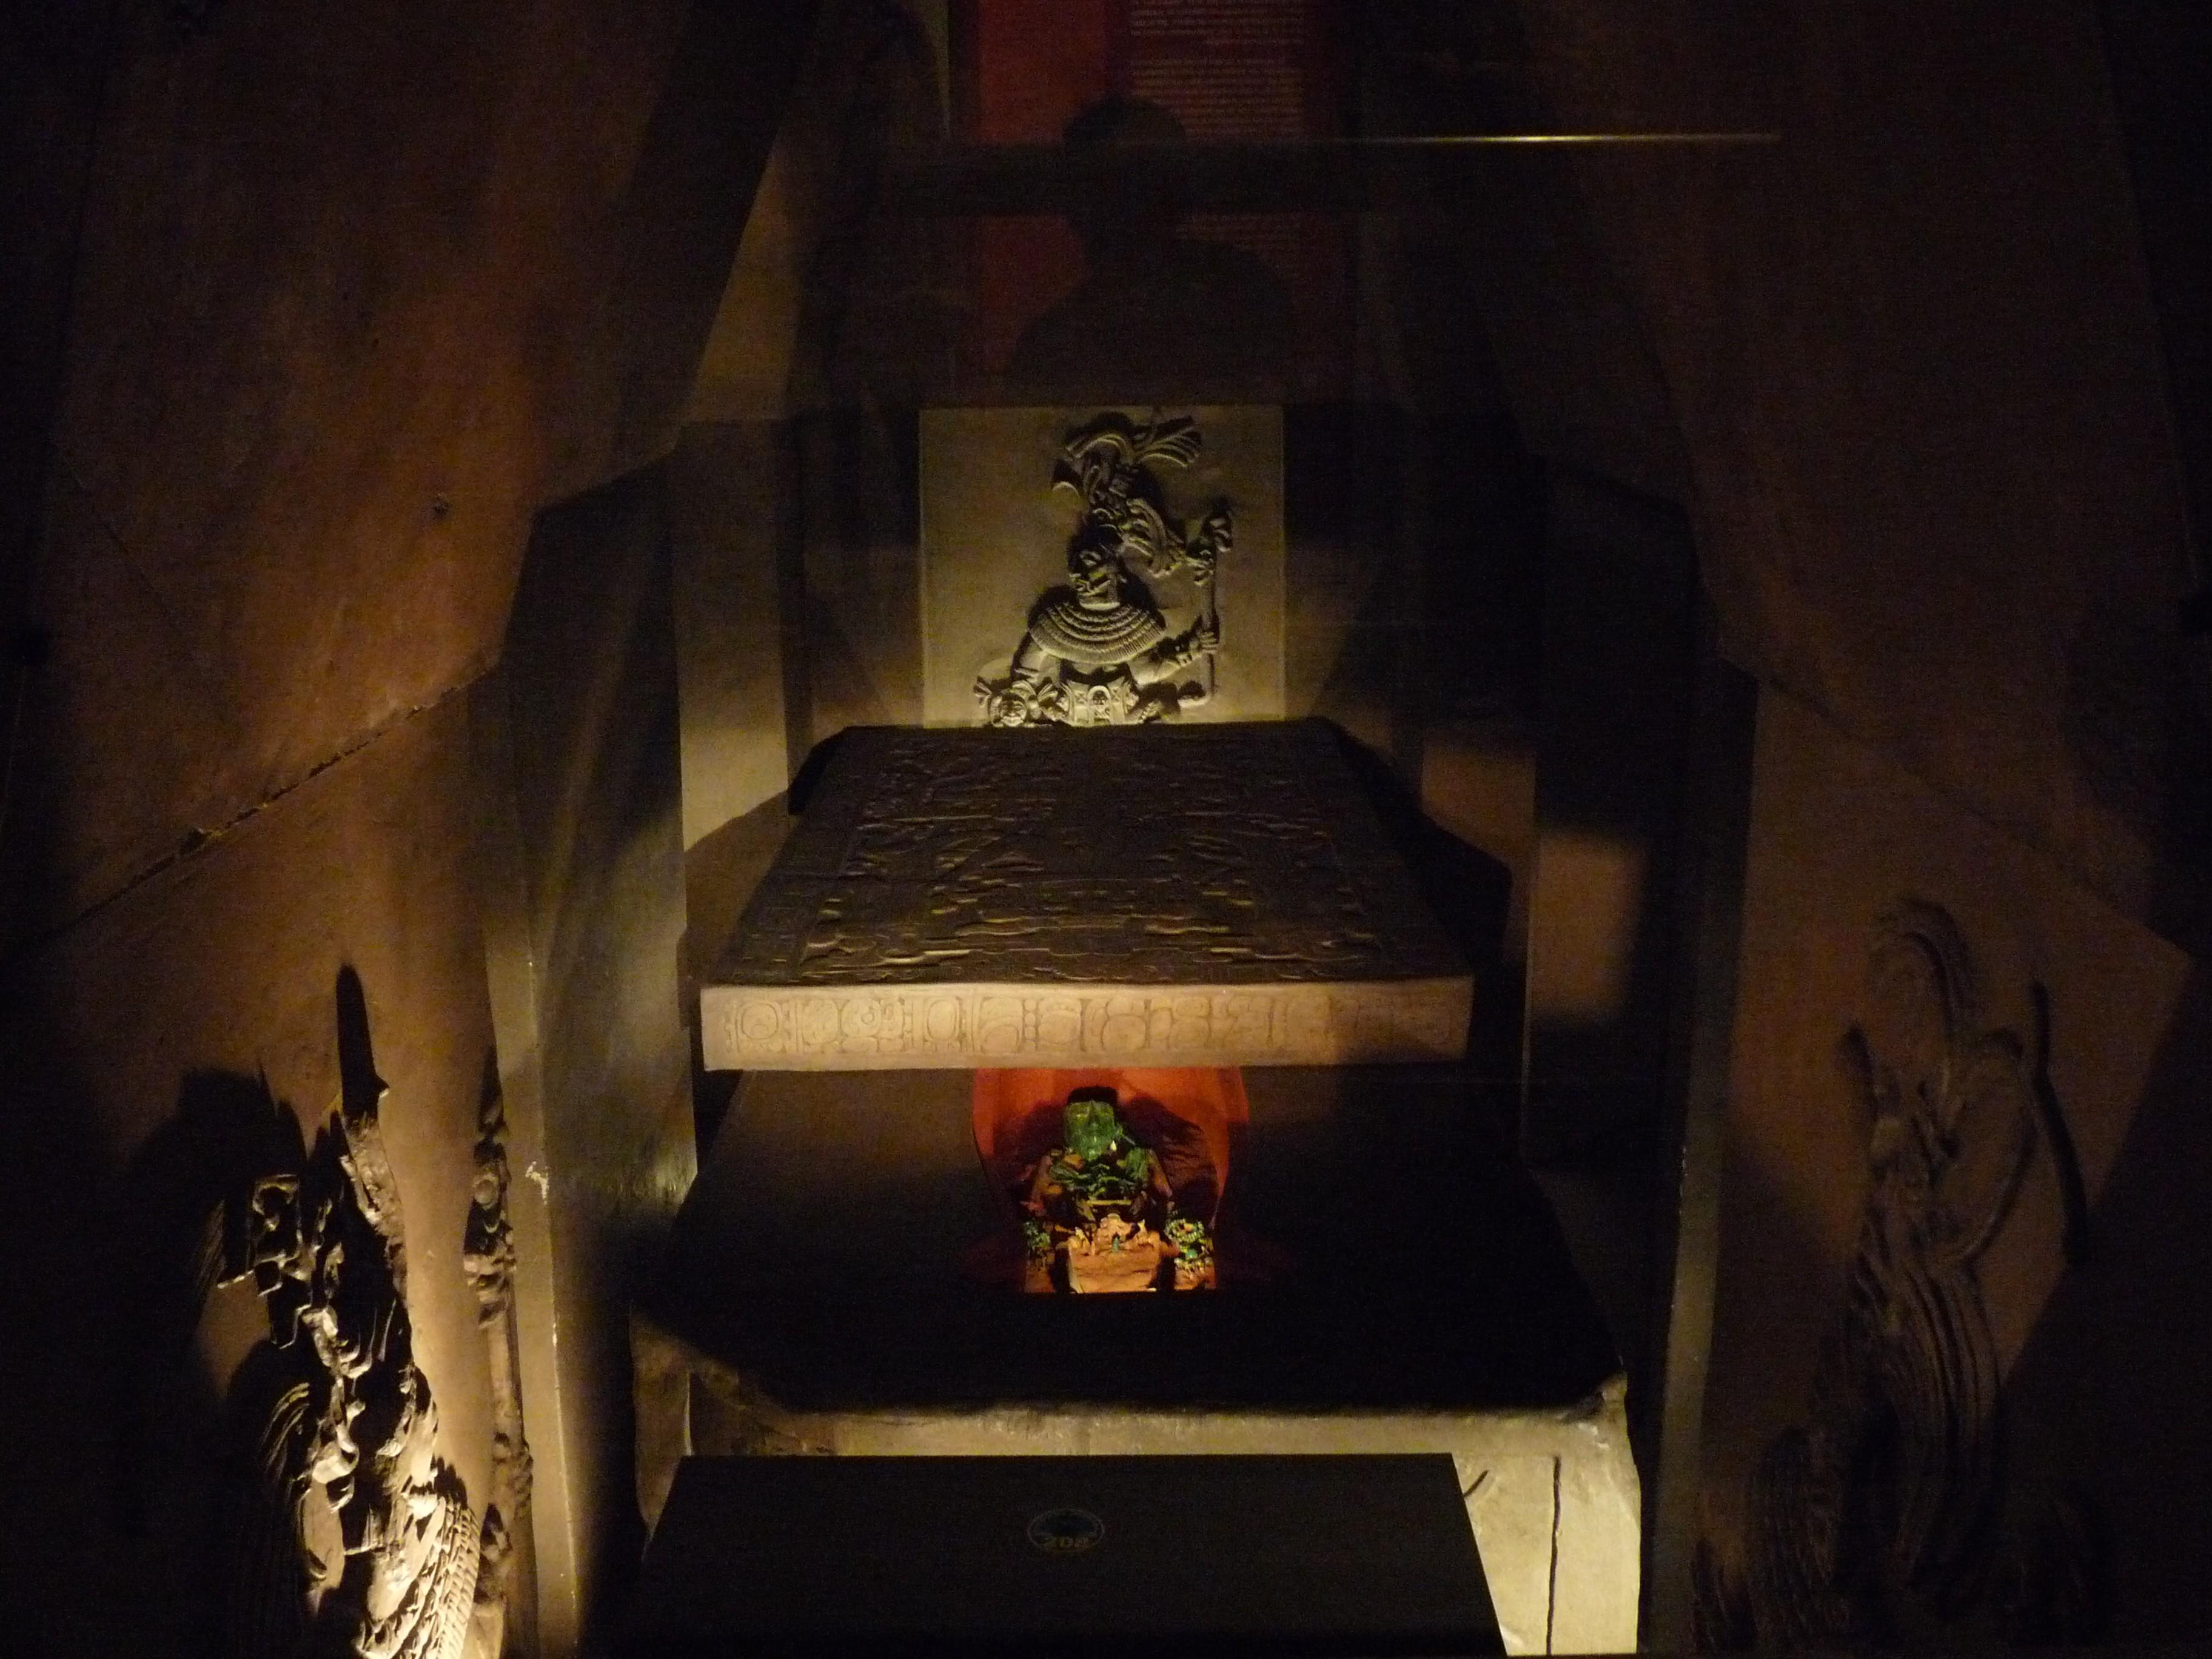 Representação da tumba de Pacal presente no Museu Nacional de Antropologia (Foto: Wikimedia/El Comandante )